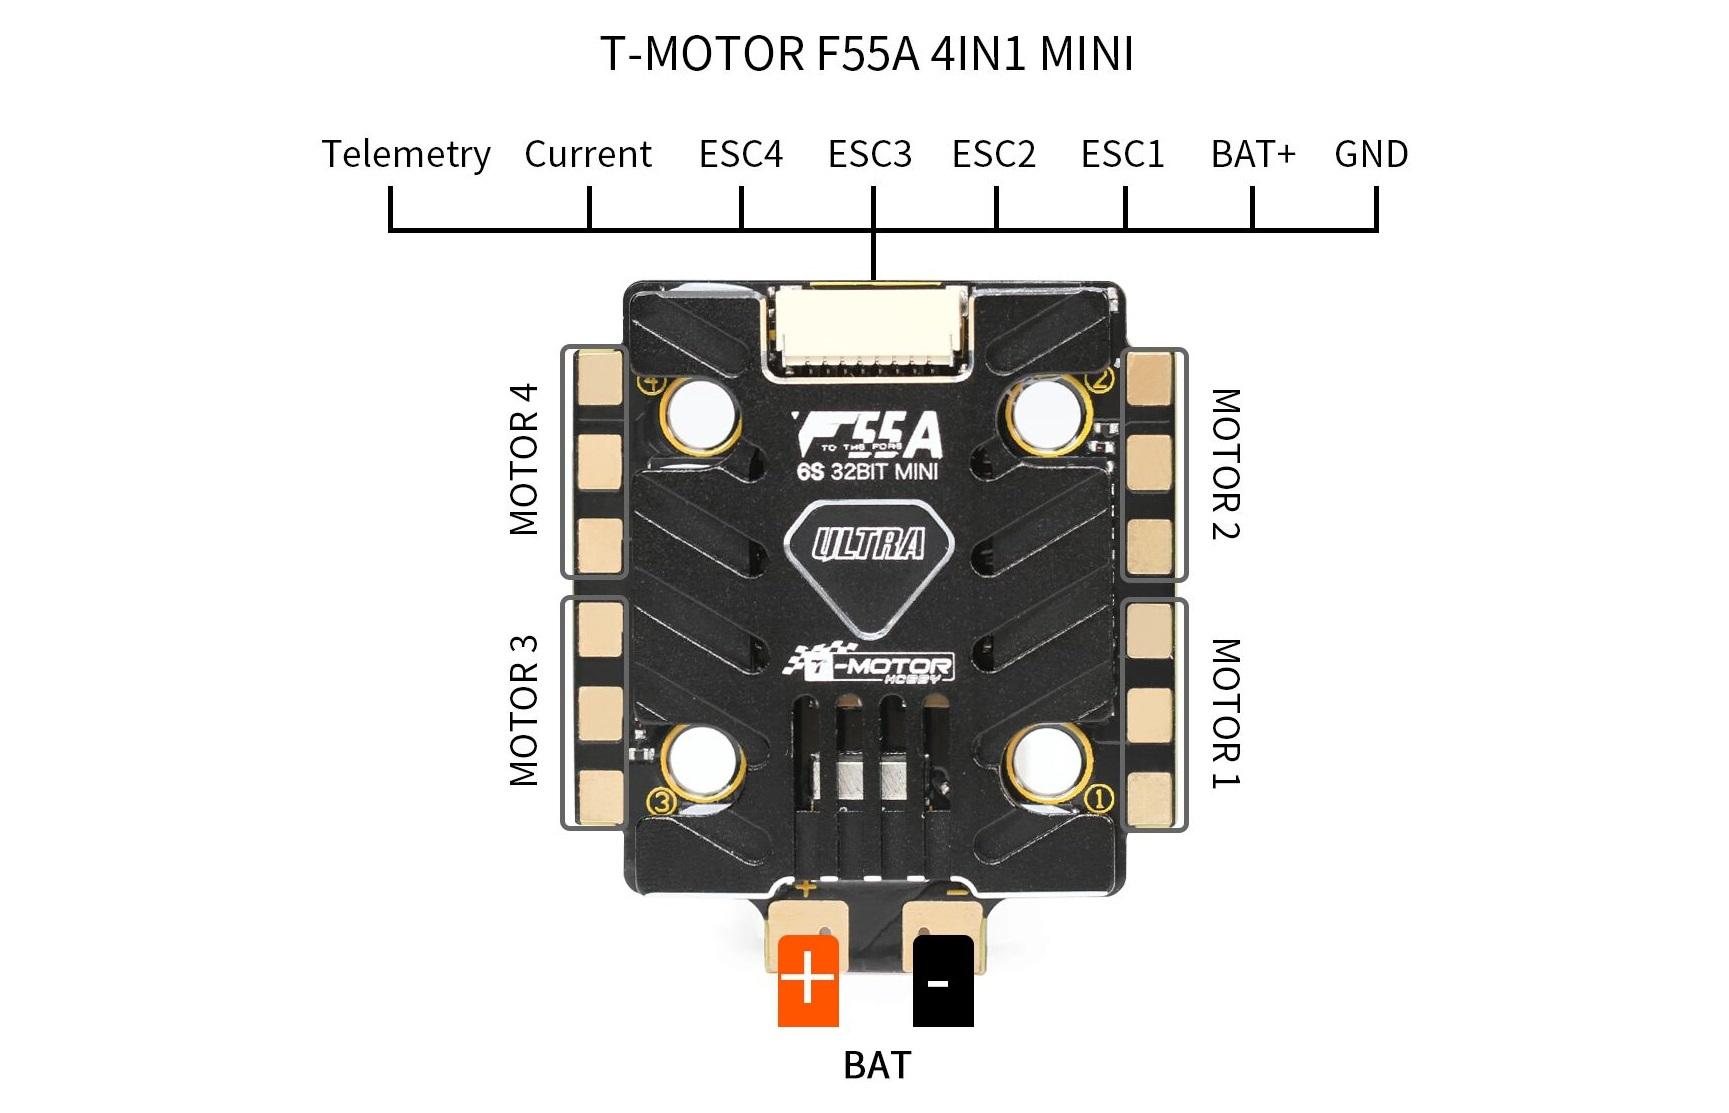 T-Motor schemat podłączenia do kontrolera lotu w dronie wyscigowym